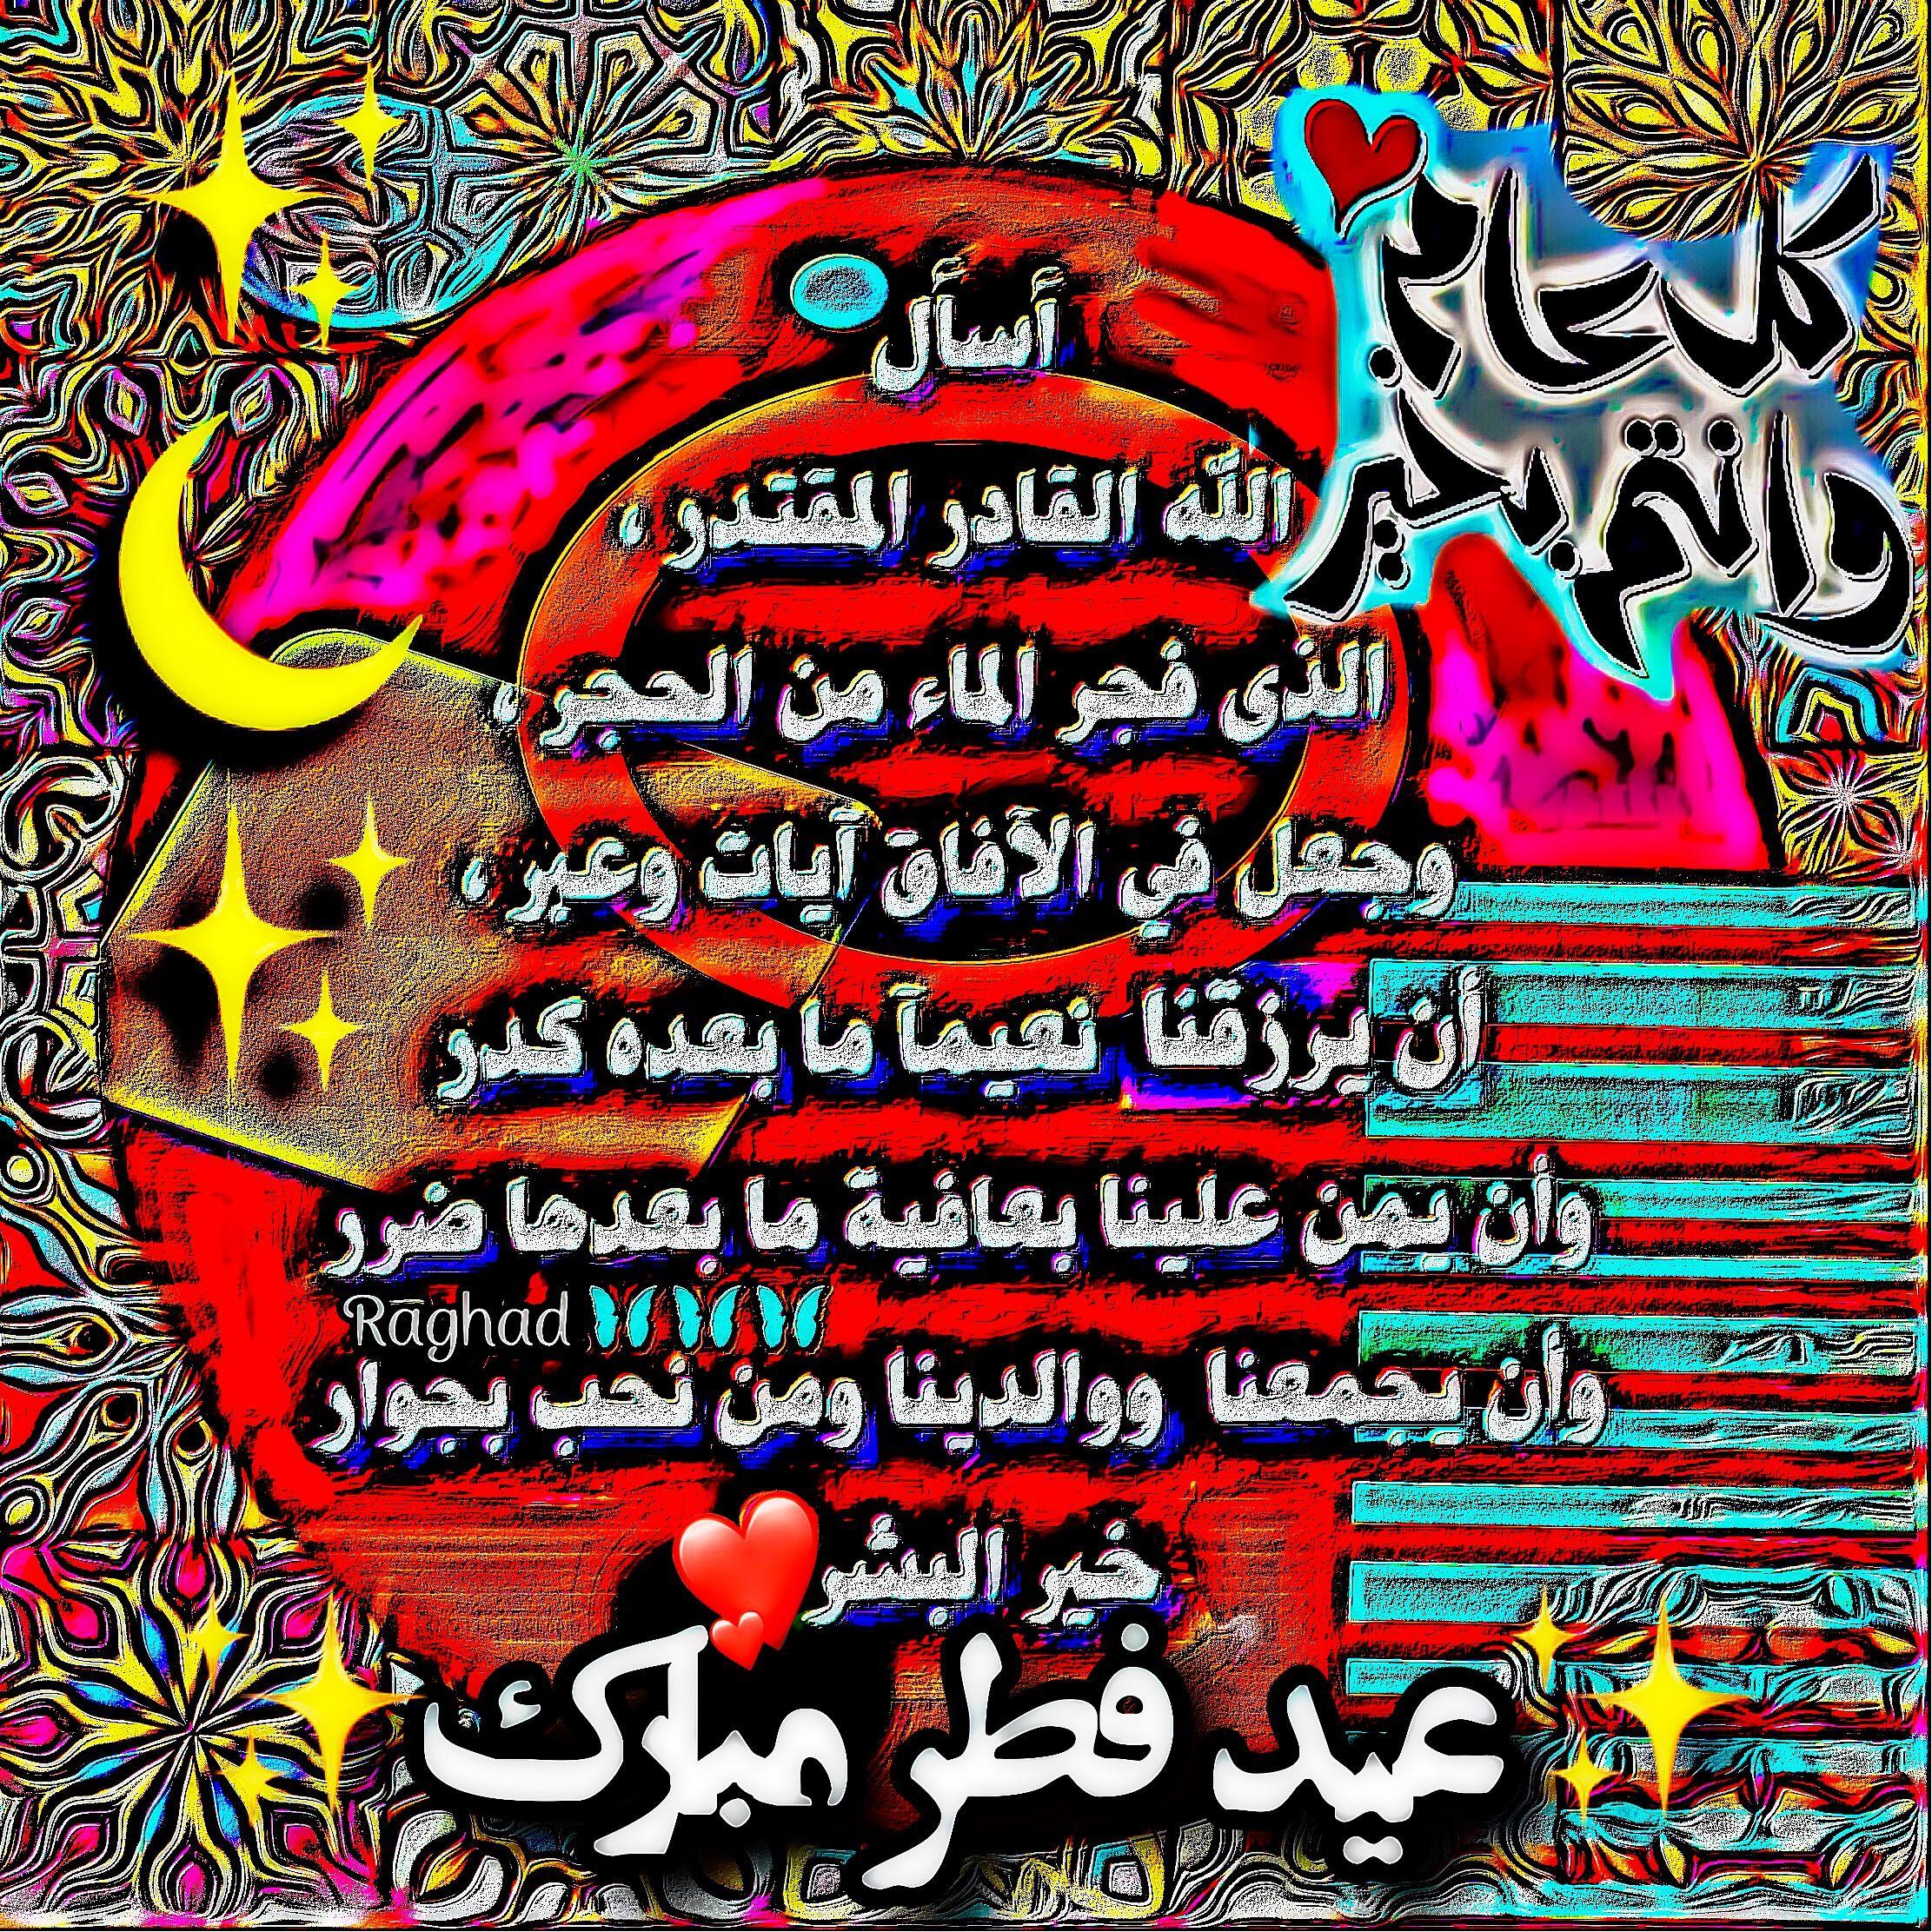 رب اجعل عيد الفطرالمبارك ميلاد ا جديد ا لأرواحنا يمحو عنها مامضى ويبل غها عفوك والرضى Ramadan Kareem Happy Eid Comic Books